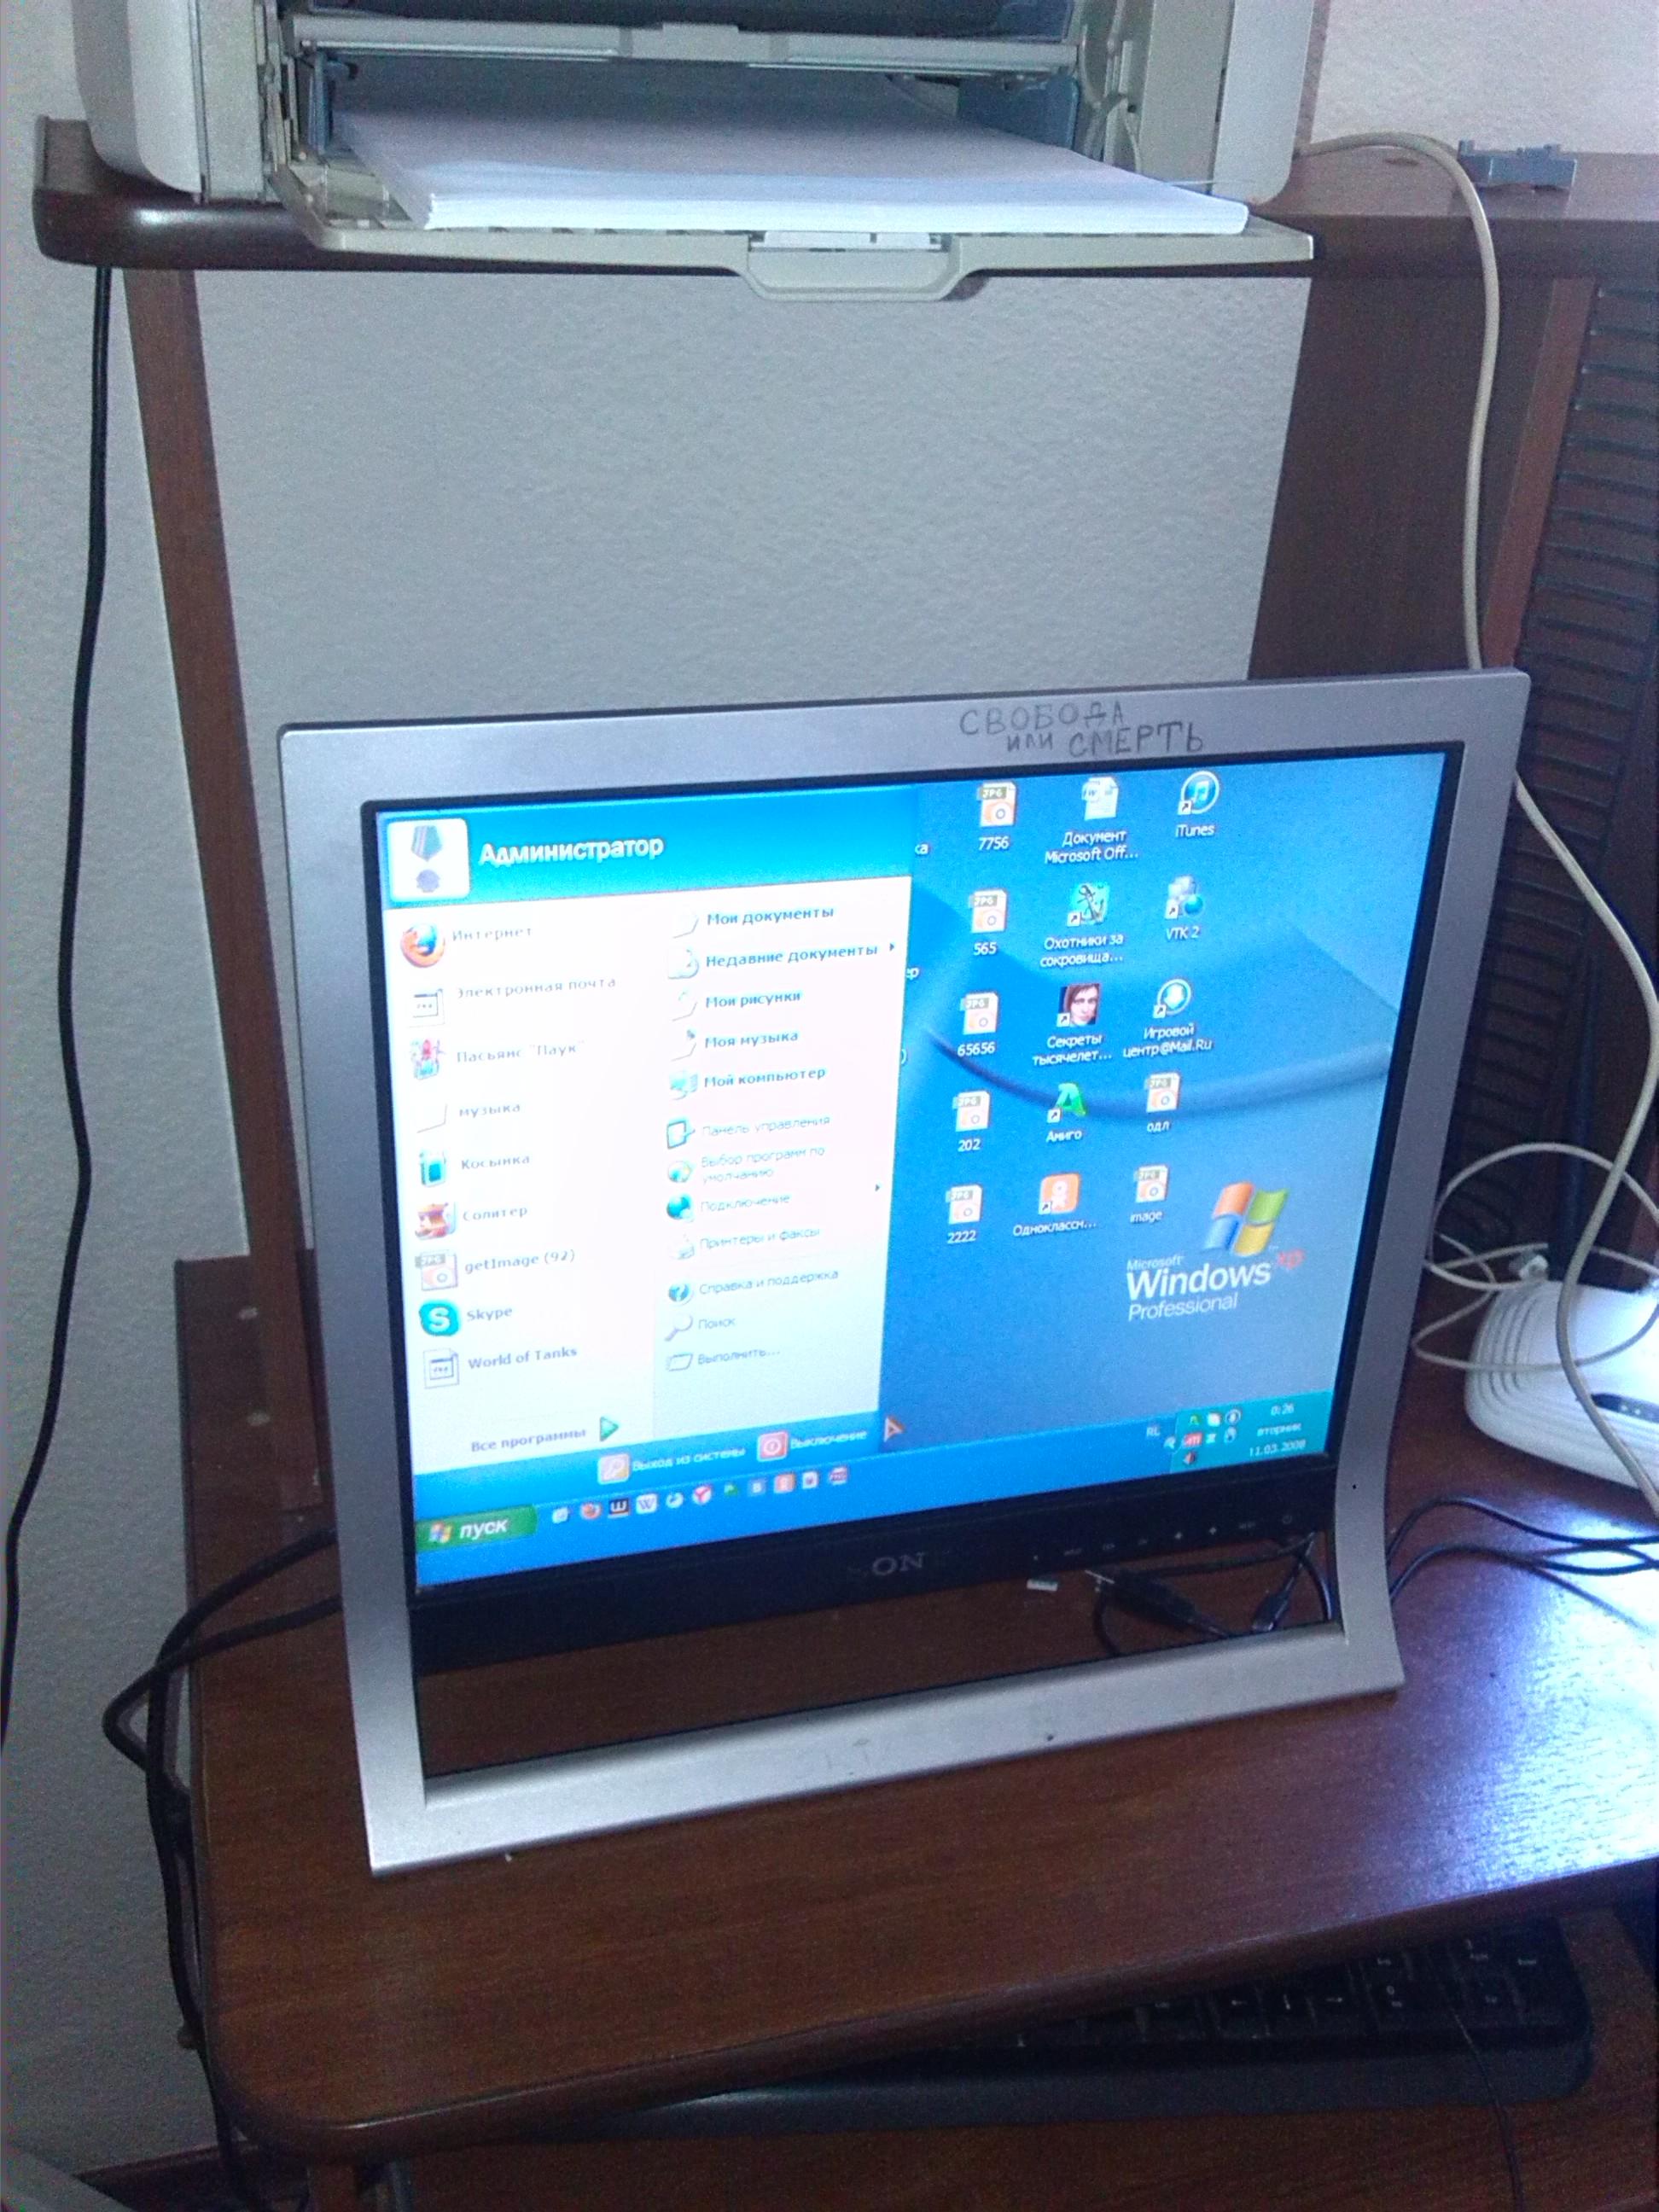 Ремонт компьютера на дому в Грозном +79280220211, +79635894995